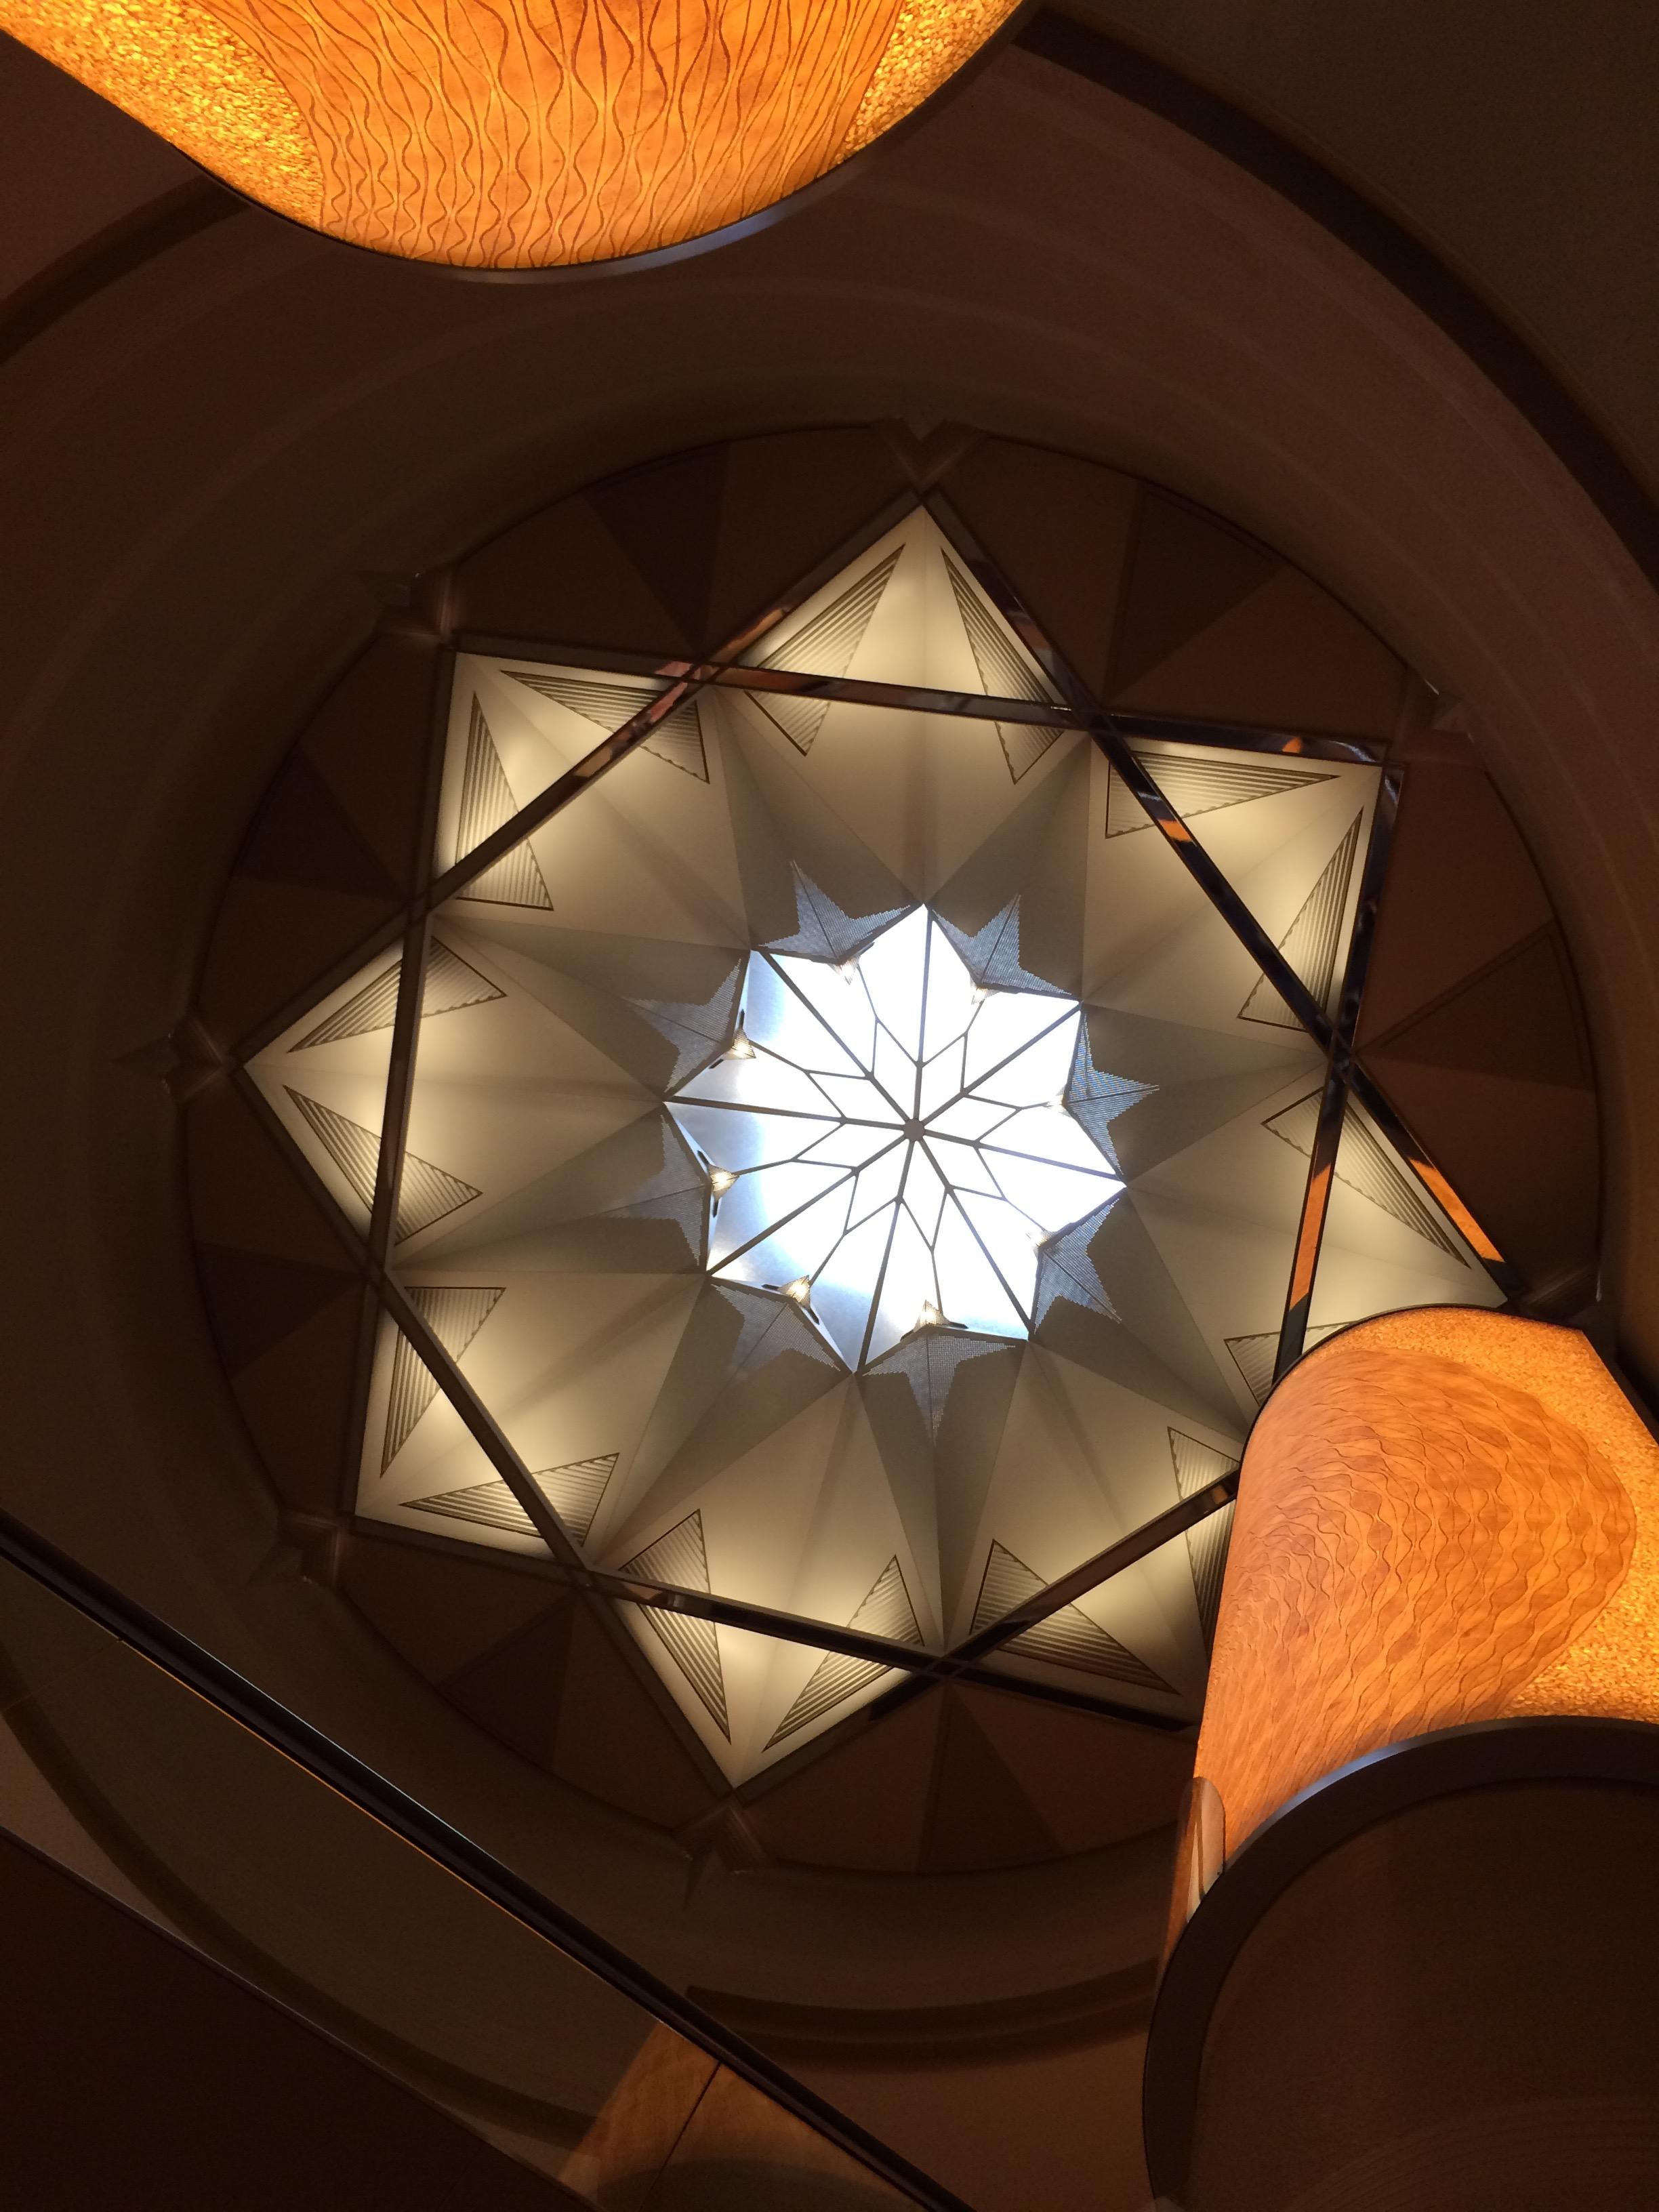 コーヒー博物館の天窓